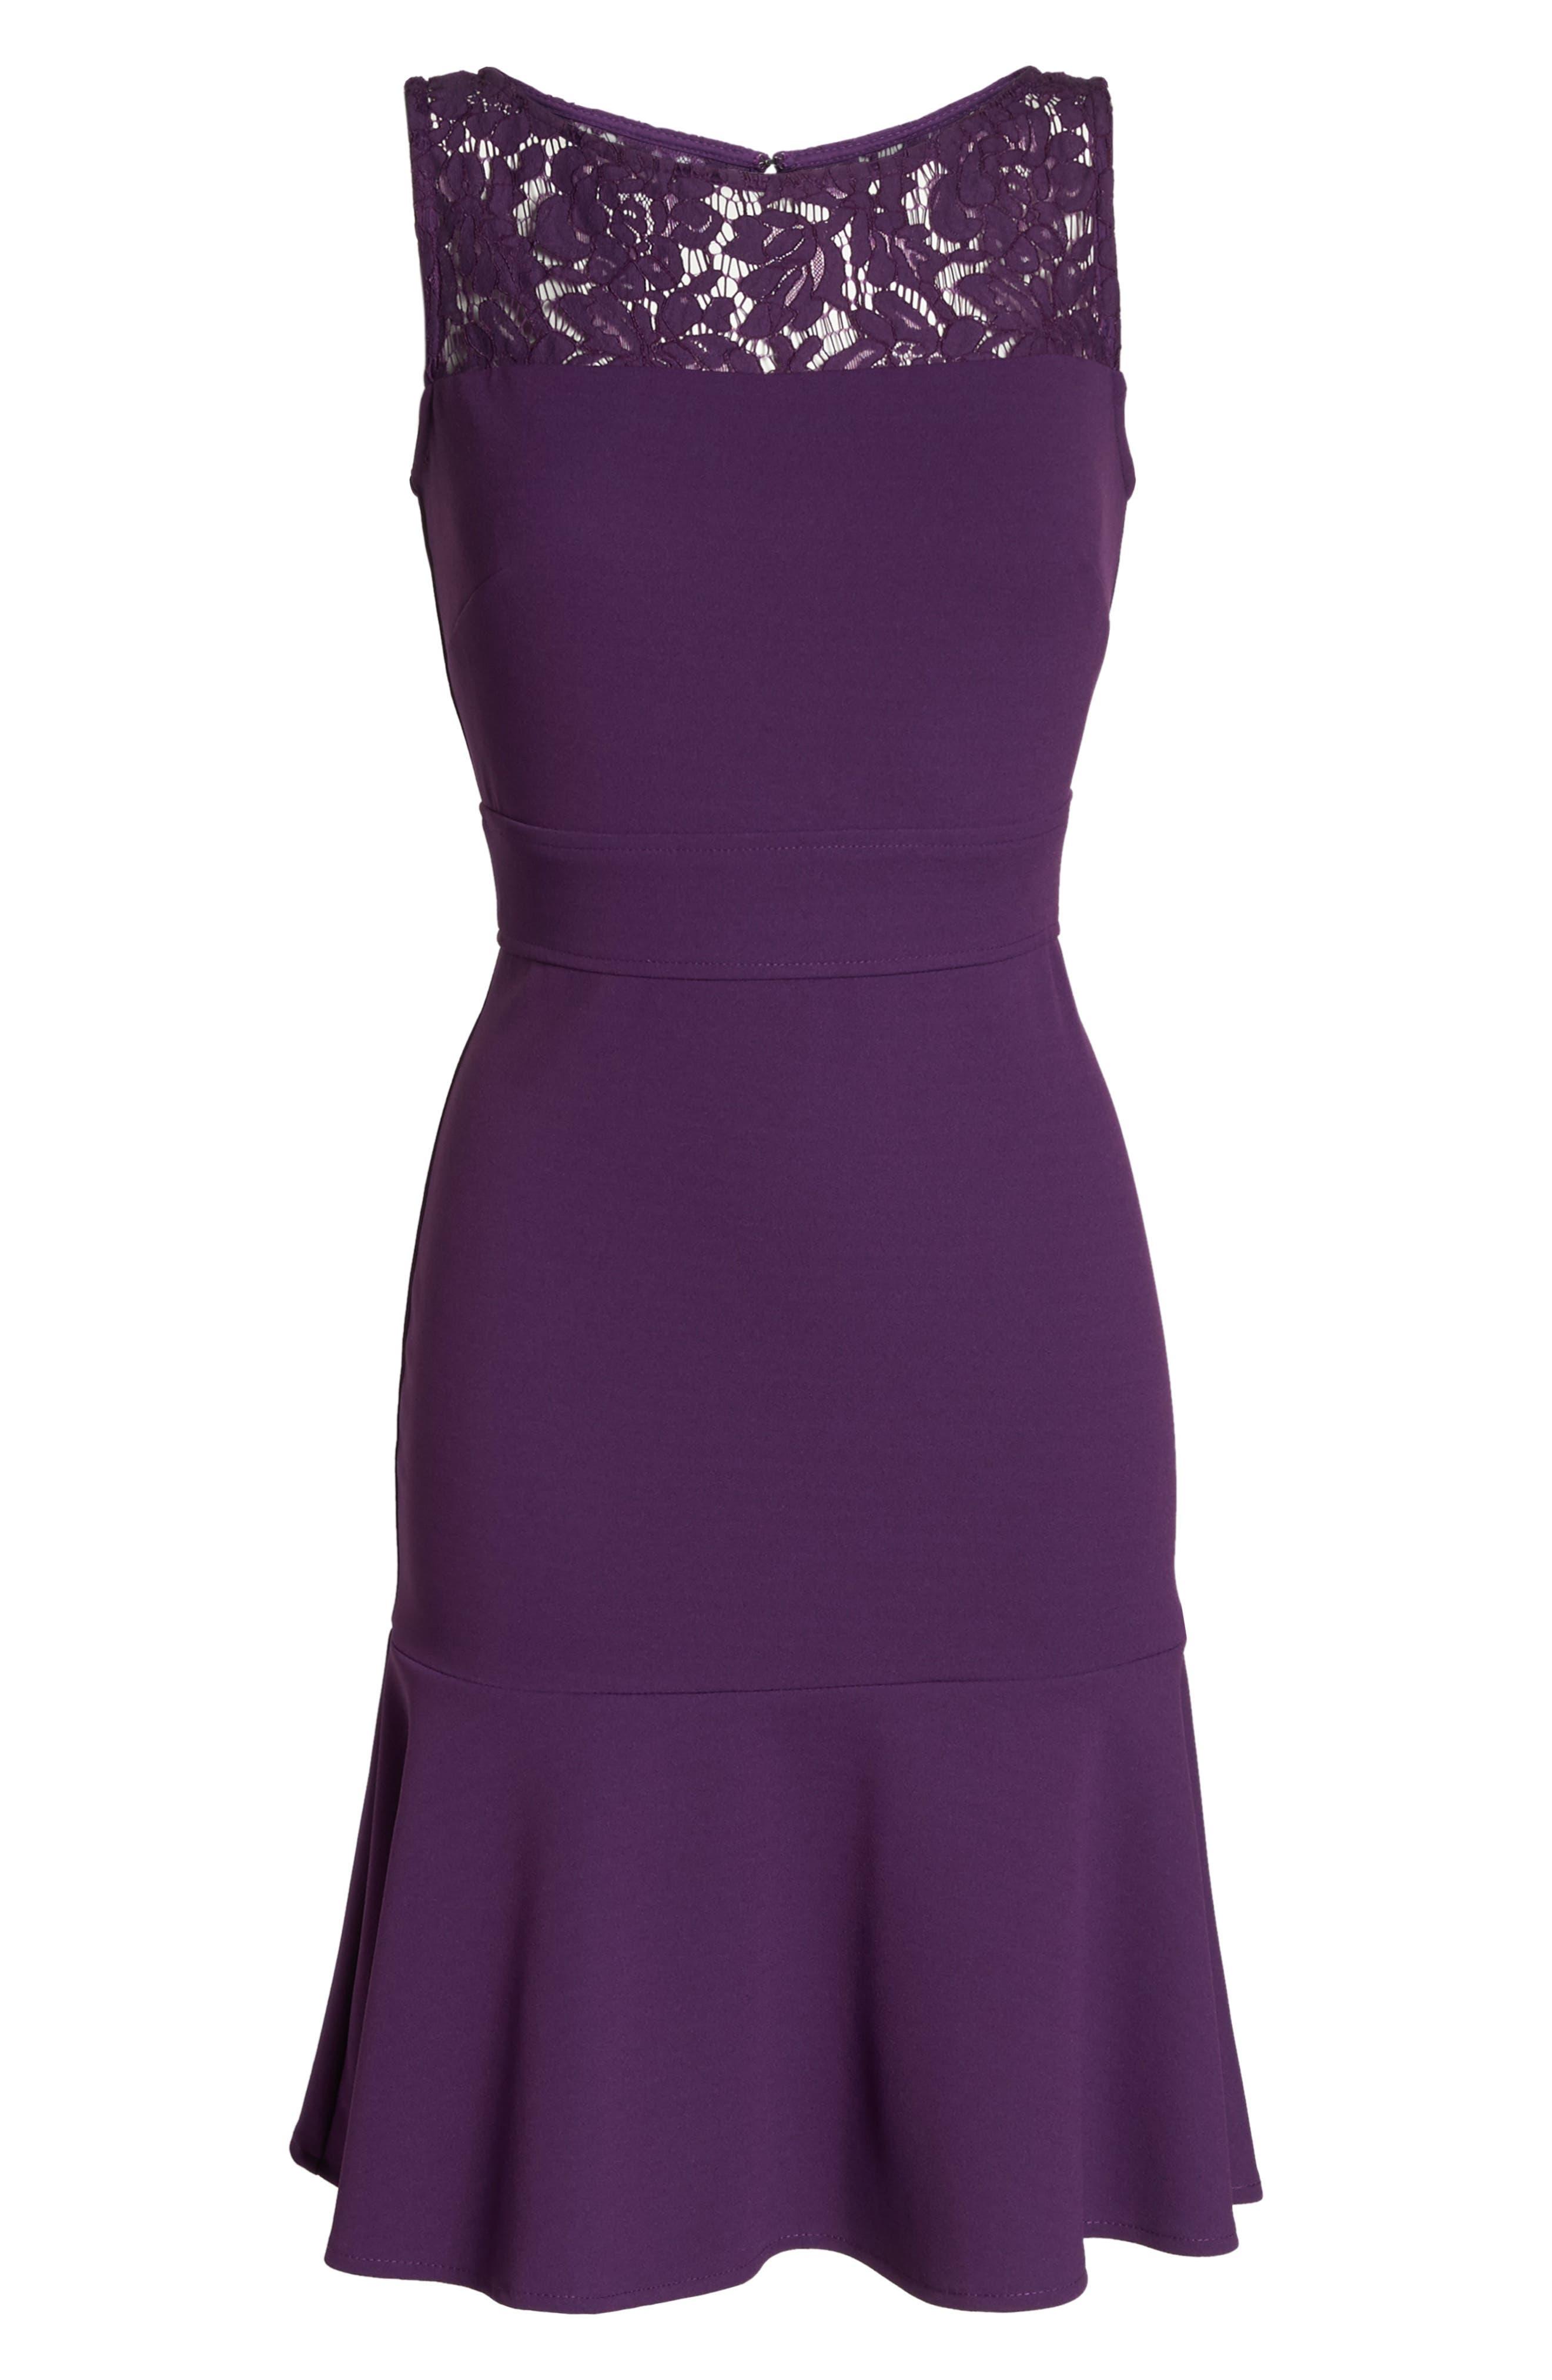 Lace Flounce Dress,                             Alternate thumbnail 12, color,